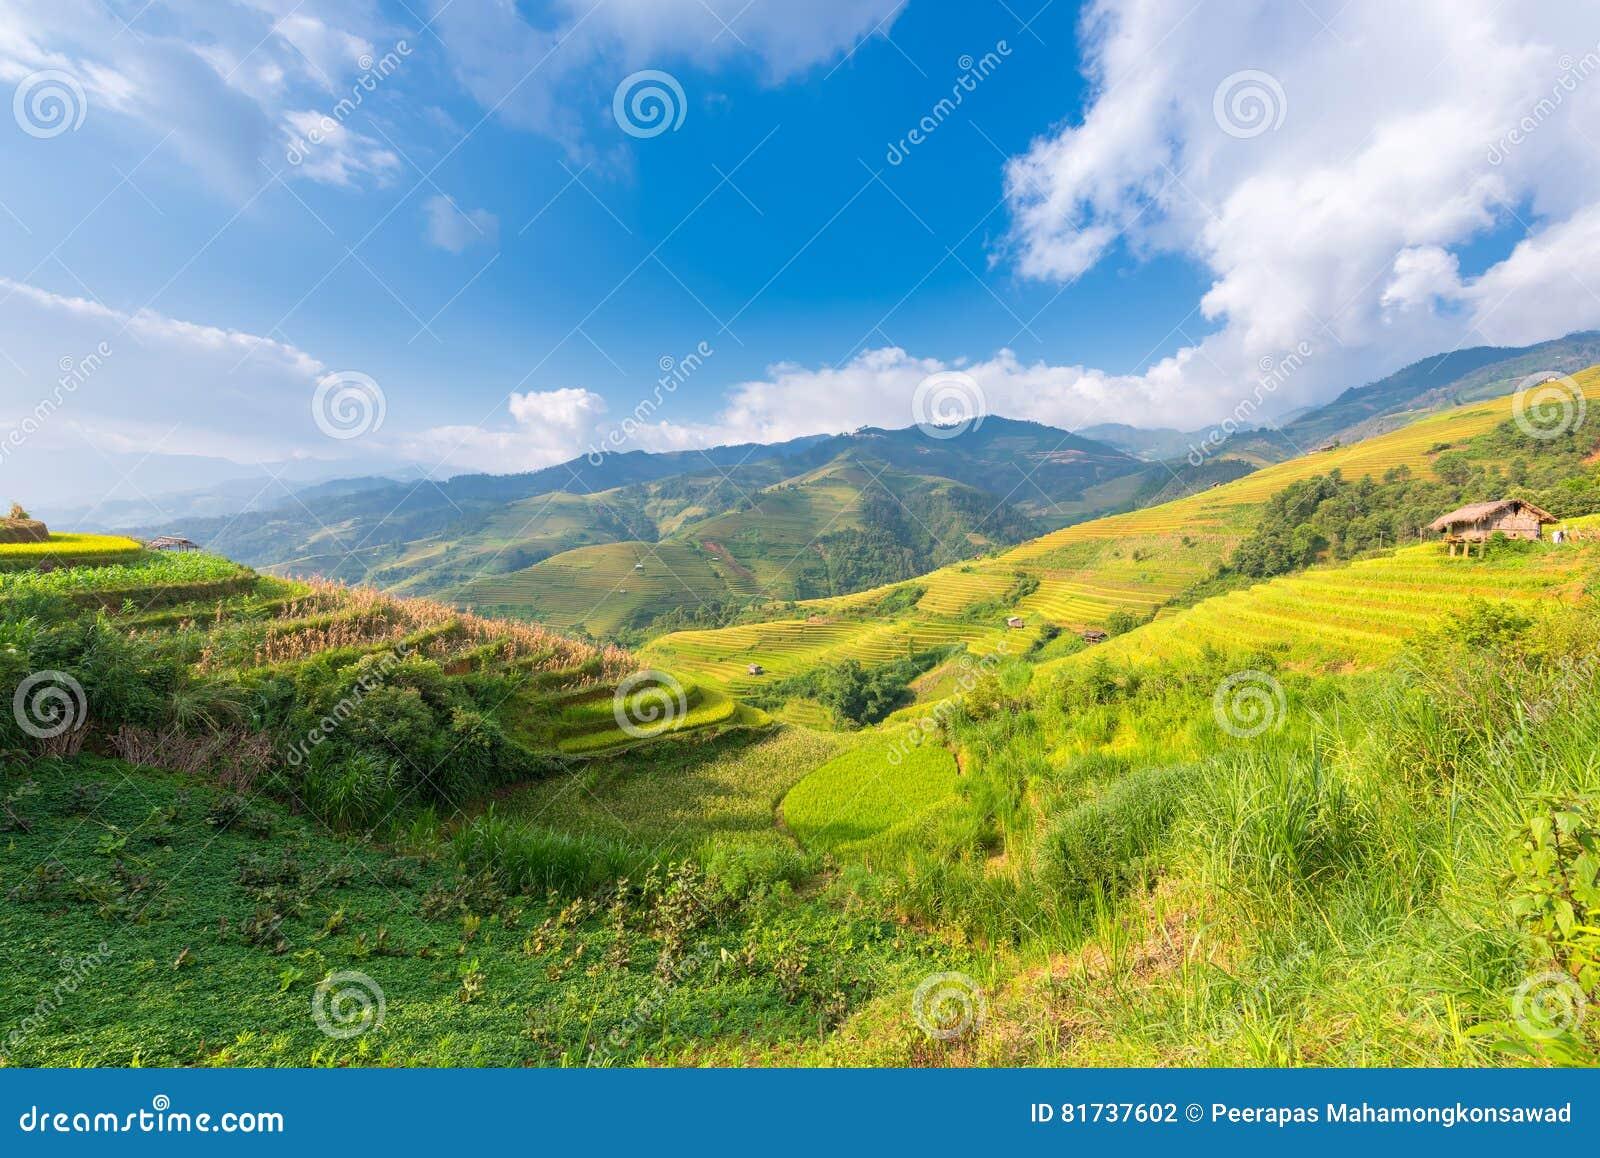 Berg und Natur in der Reisterrasse von Vietnam gestalten landschaftlich